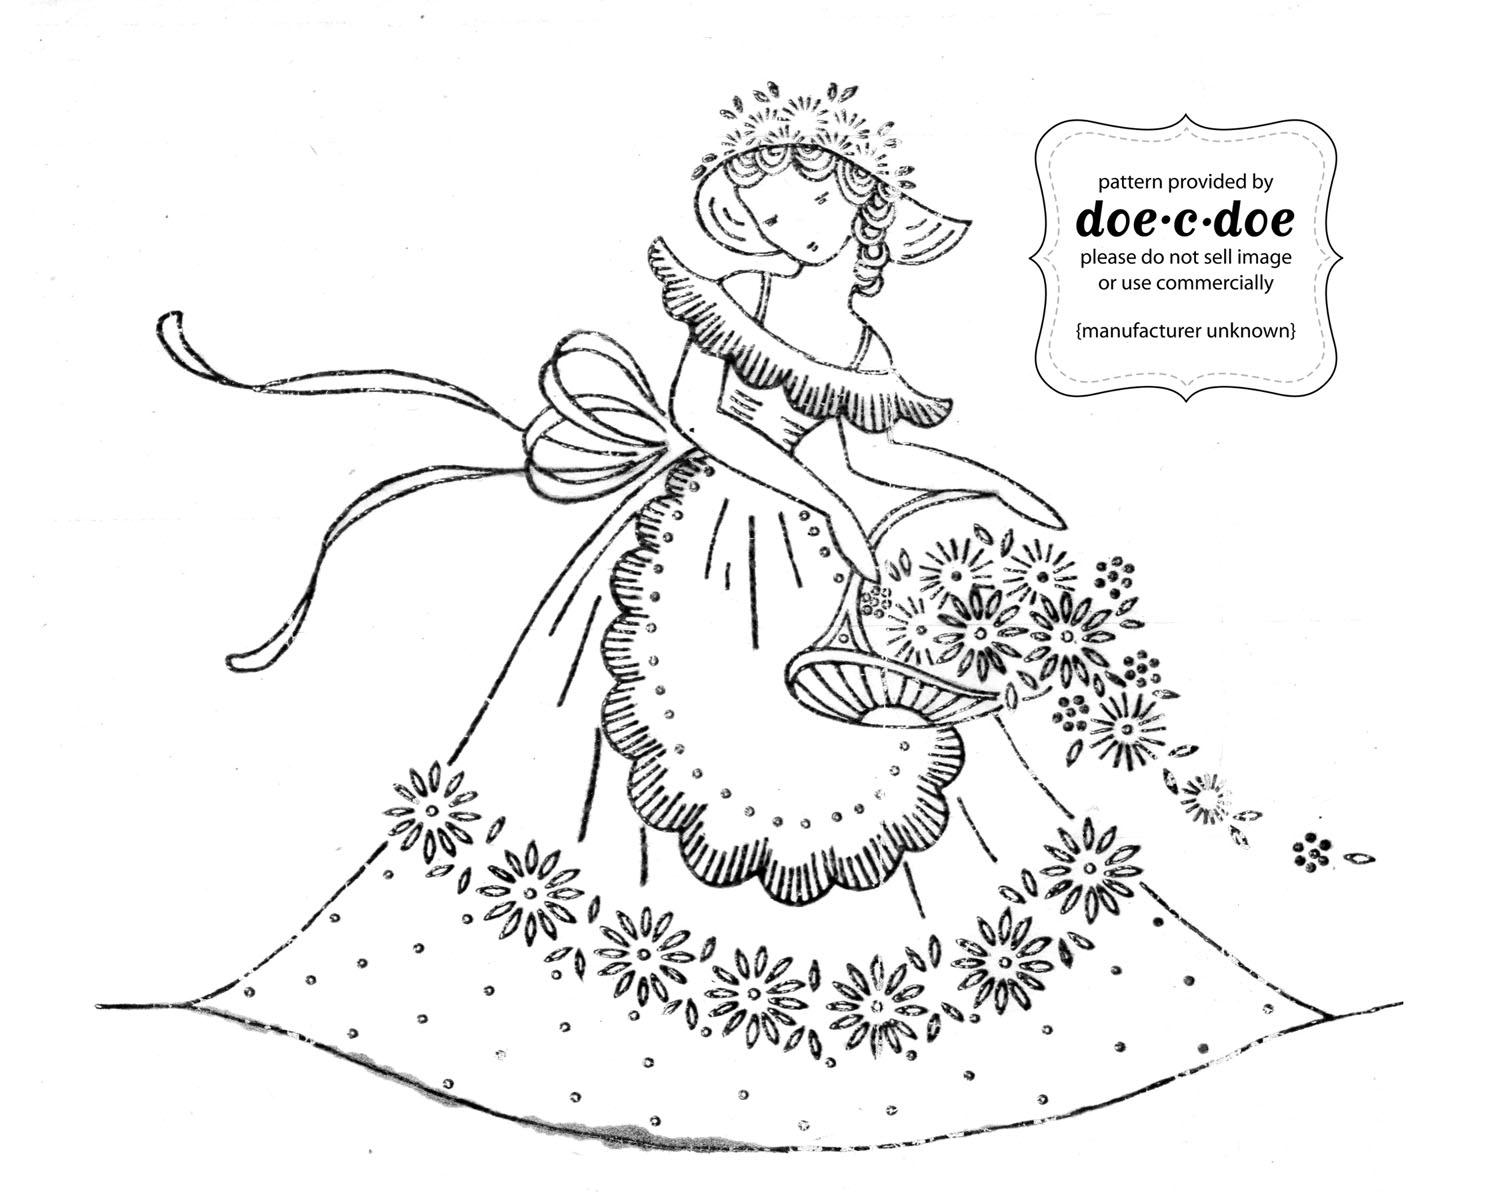 Doe c thursday embroidery